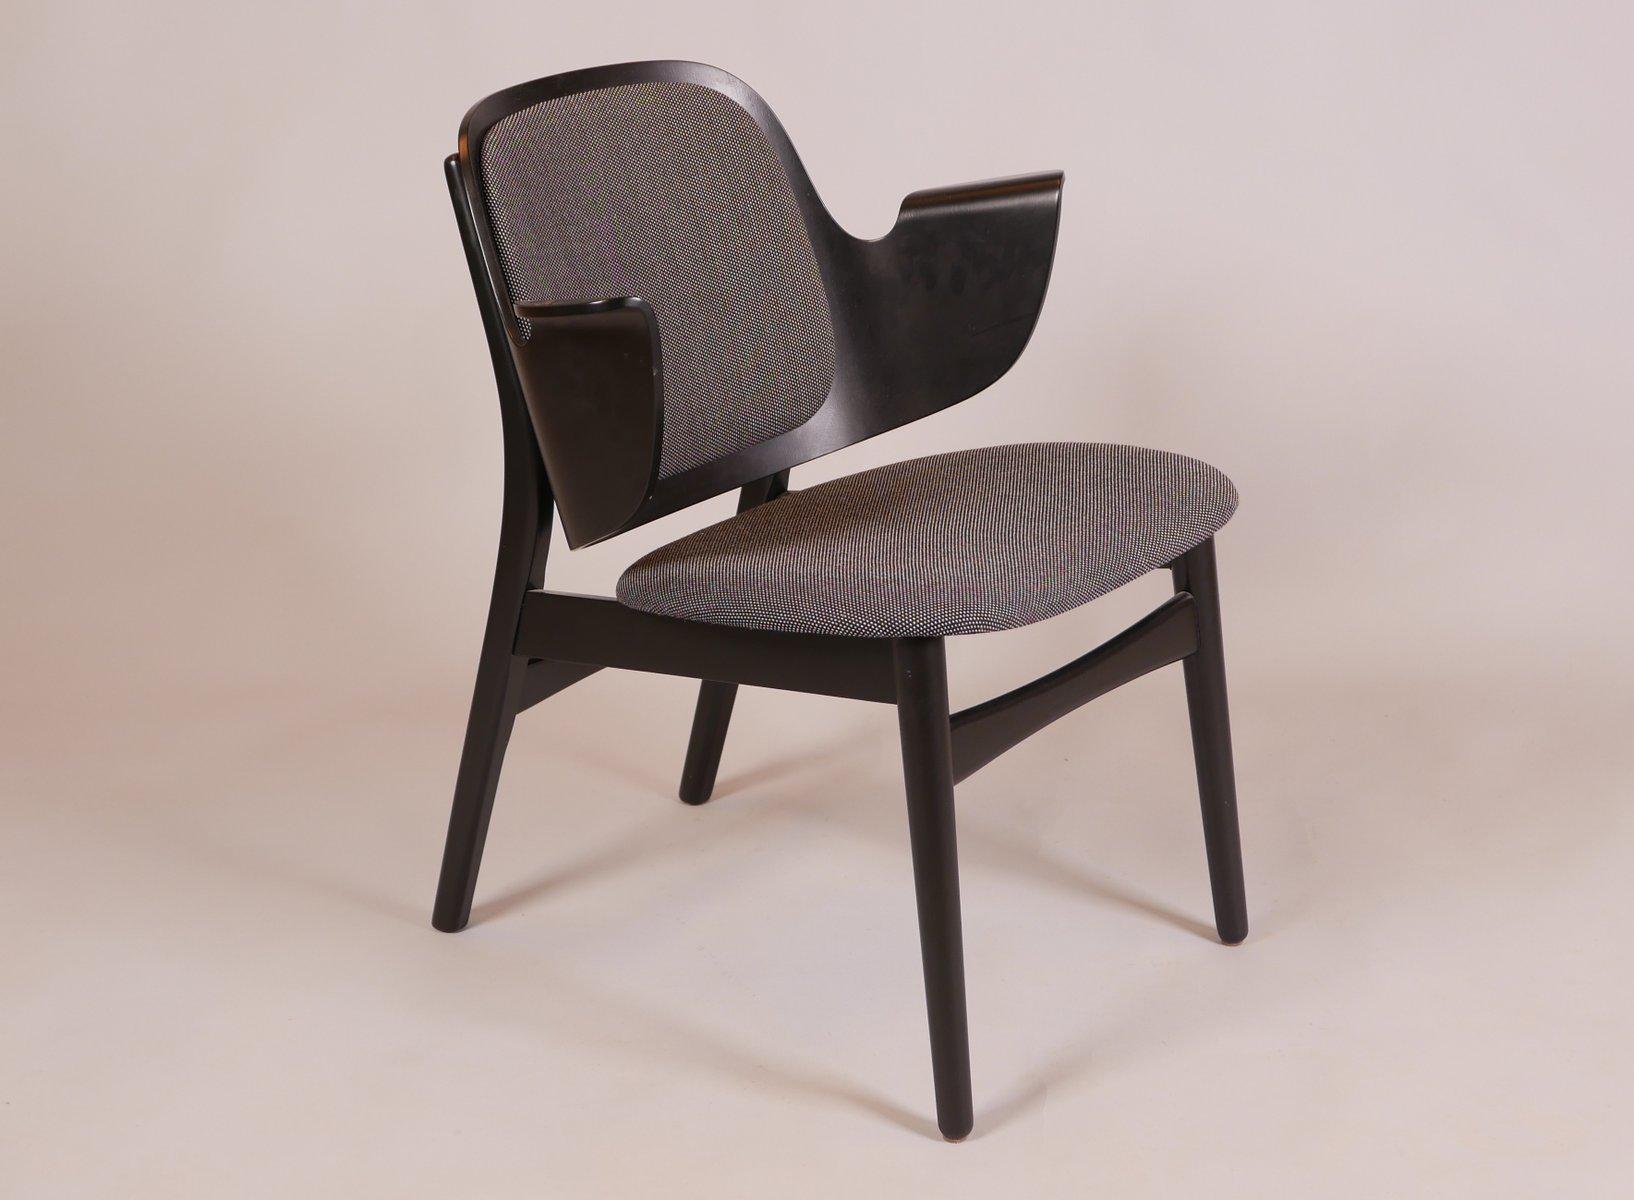 fauteuil d 39 appoint mod le 107 par hovmand olsen pour bramin en vente sur pamono. Black Bedroom Furniture Sets. Home Design Ideas